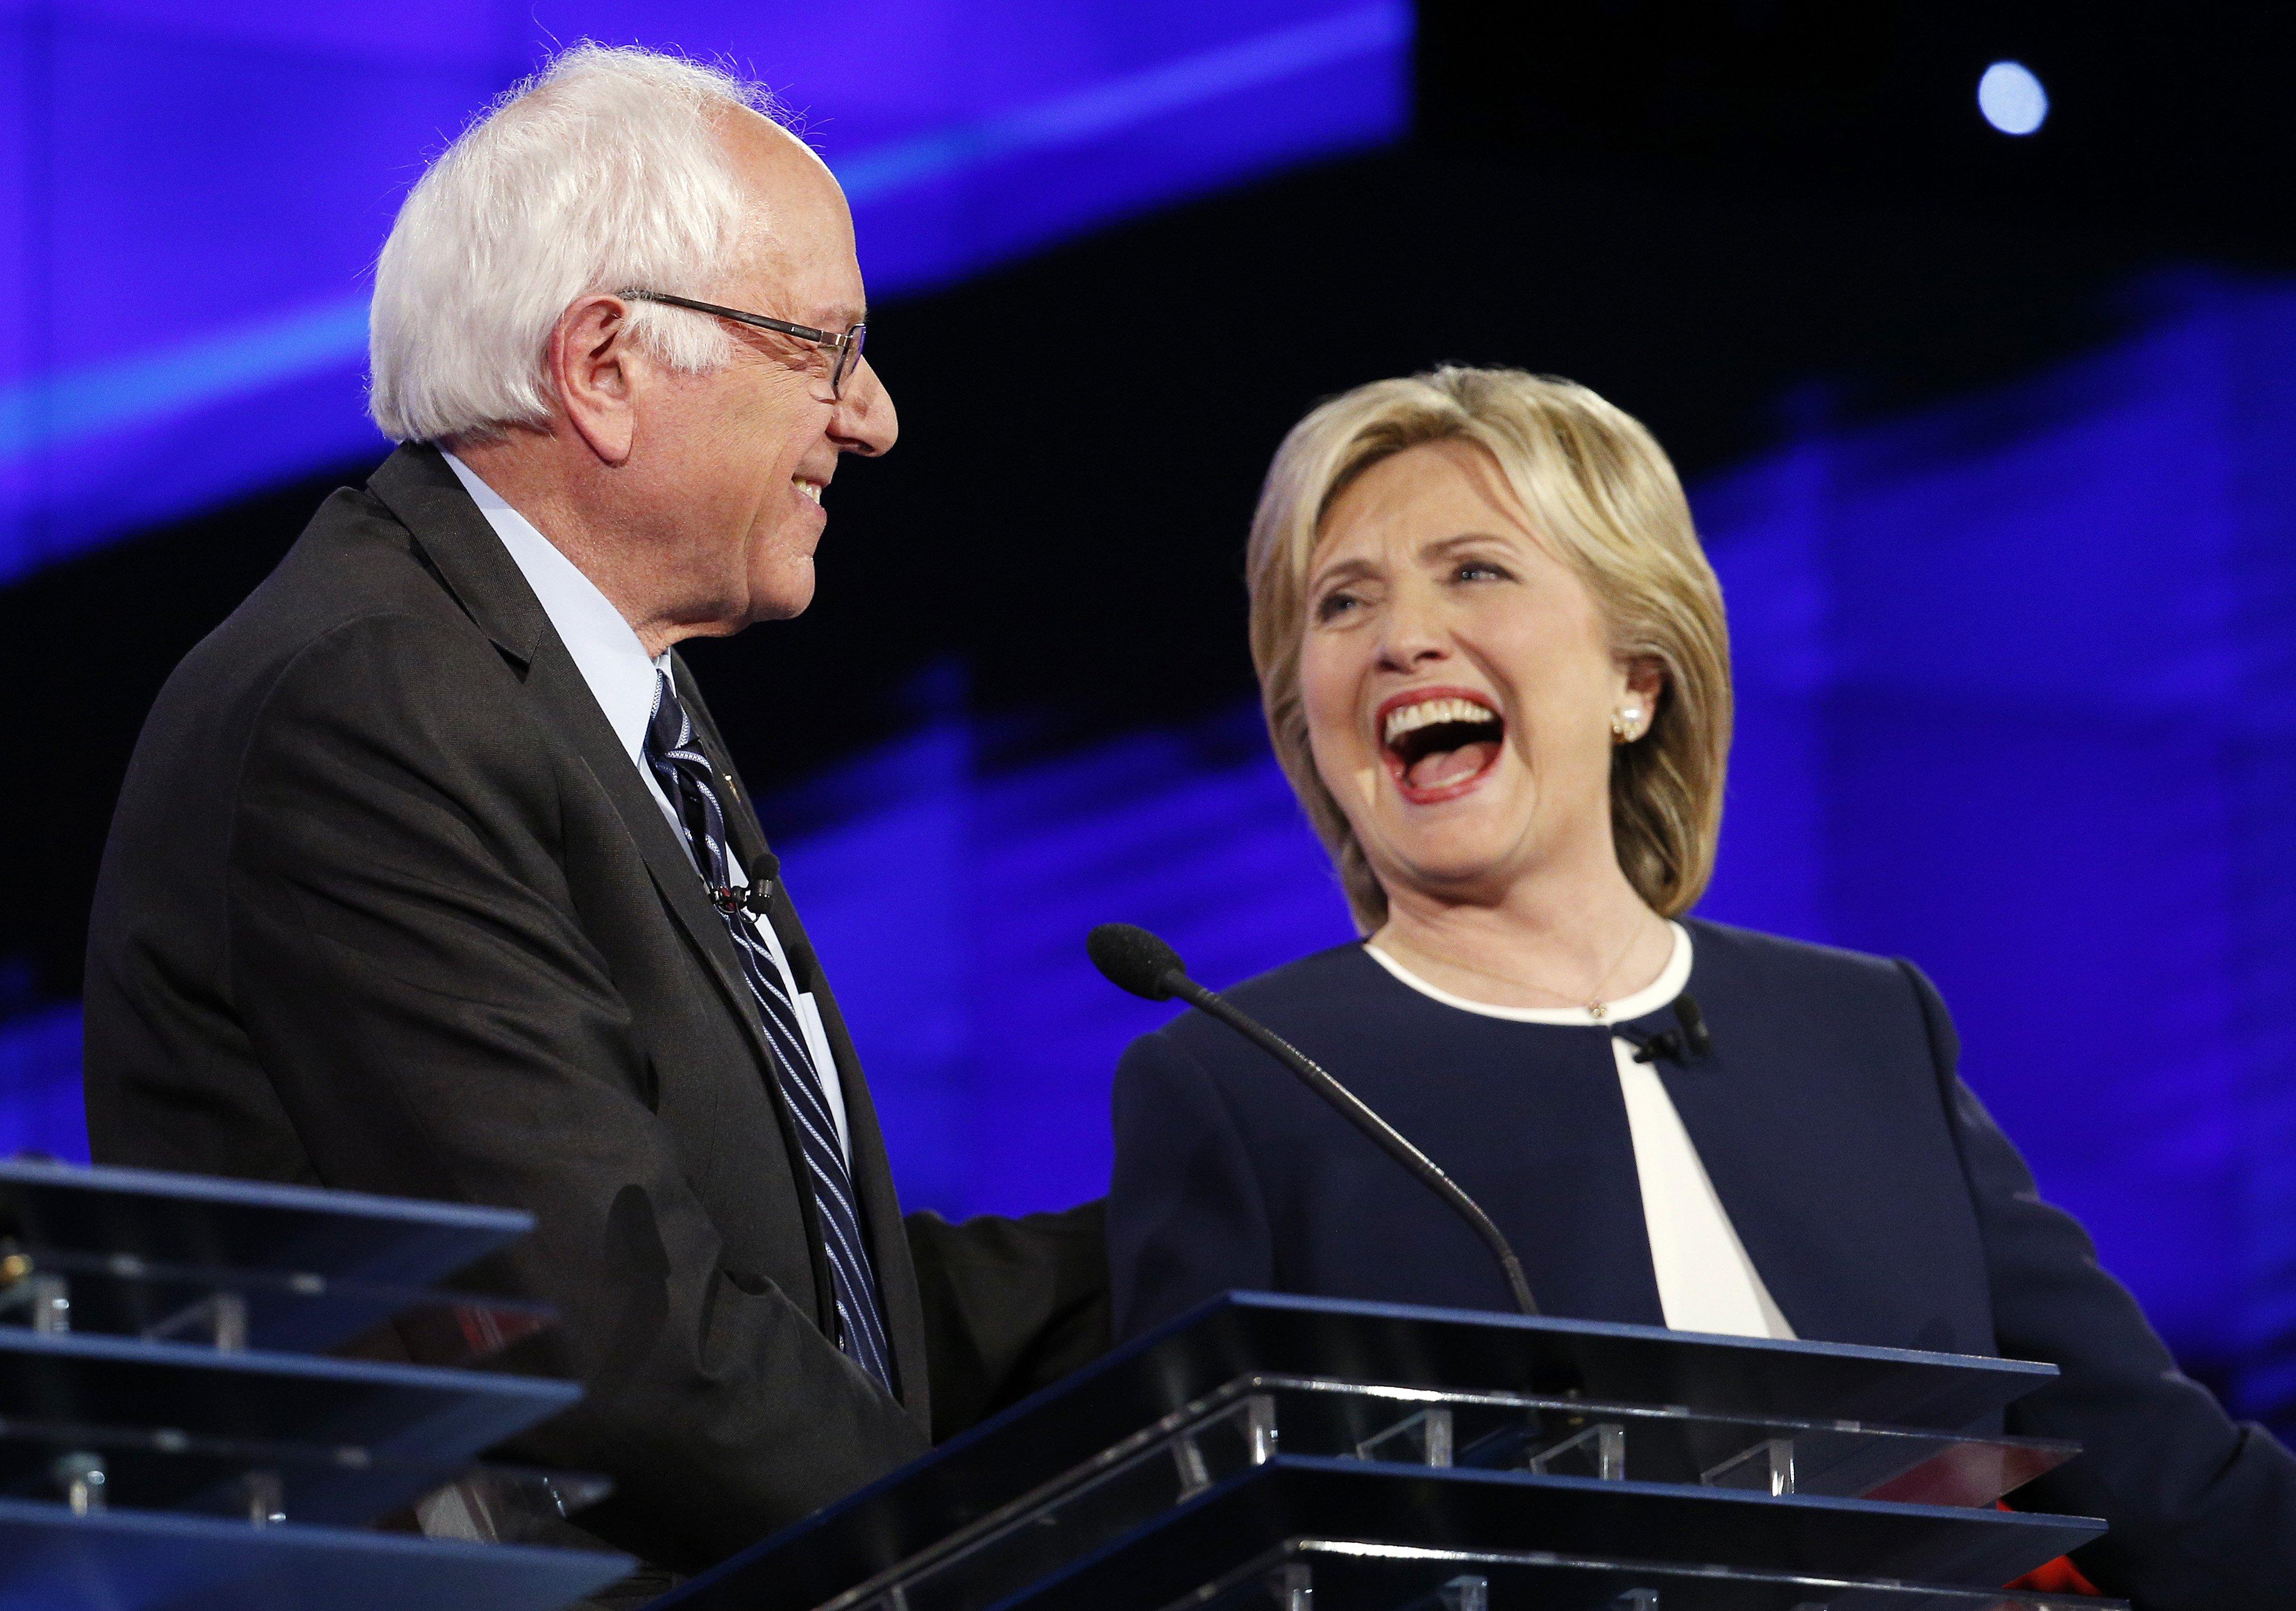 Ništa još nije gotovo: Sanders očekuje podršku superdelegata